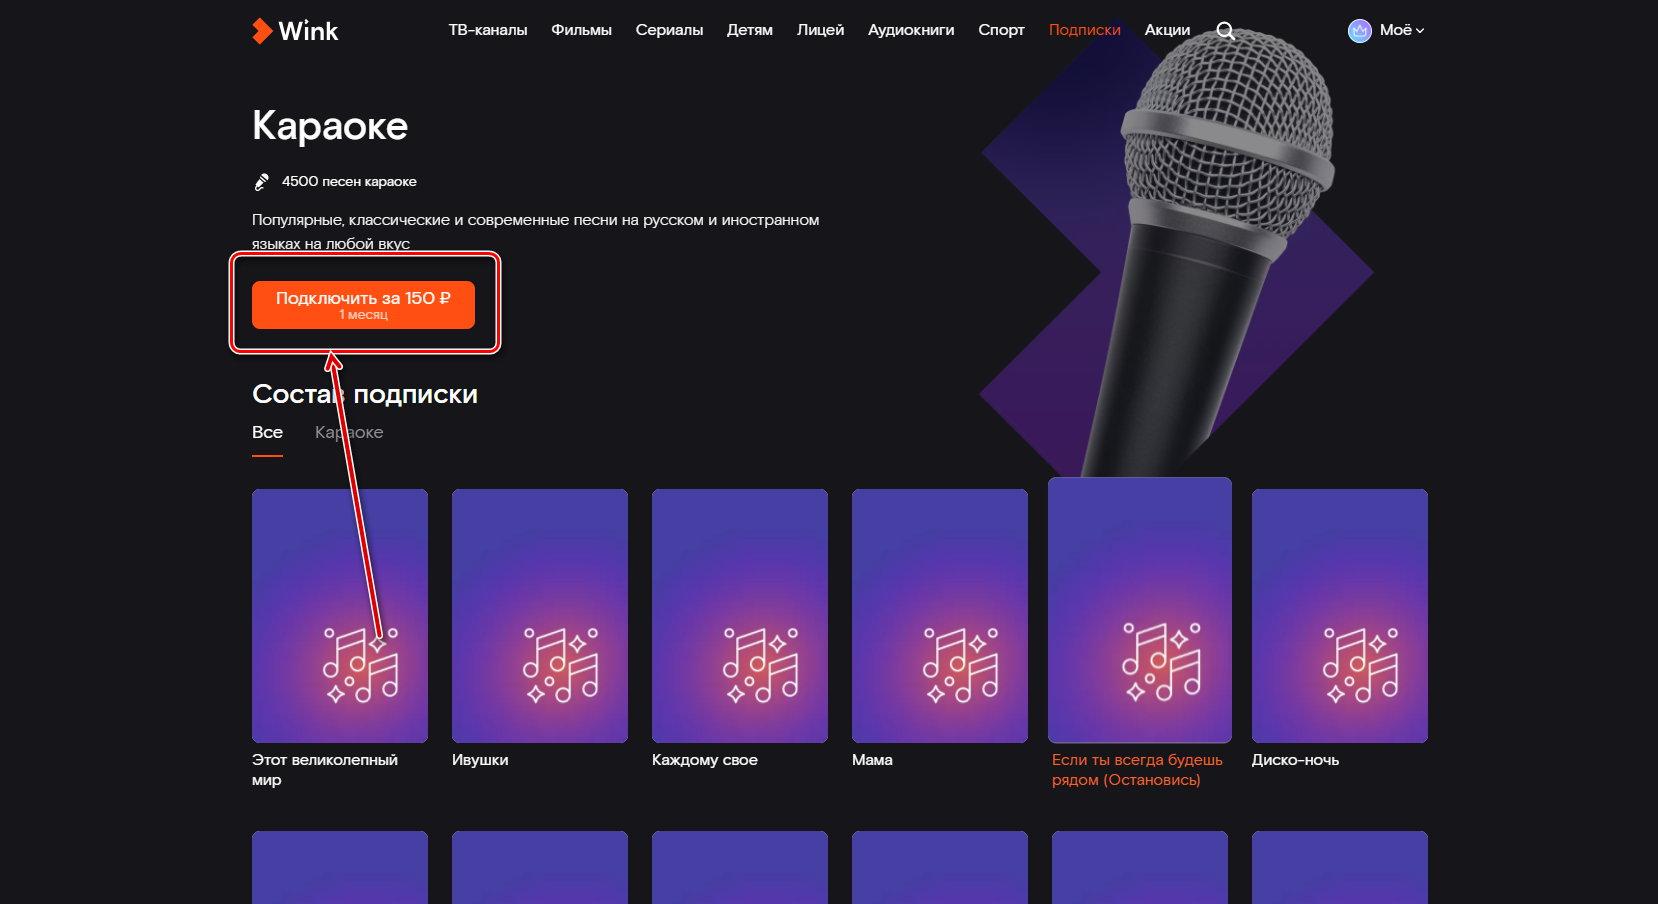 kak podklyuchit karaoke wink i mikrofon k rostelekom